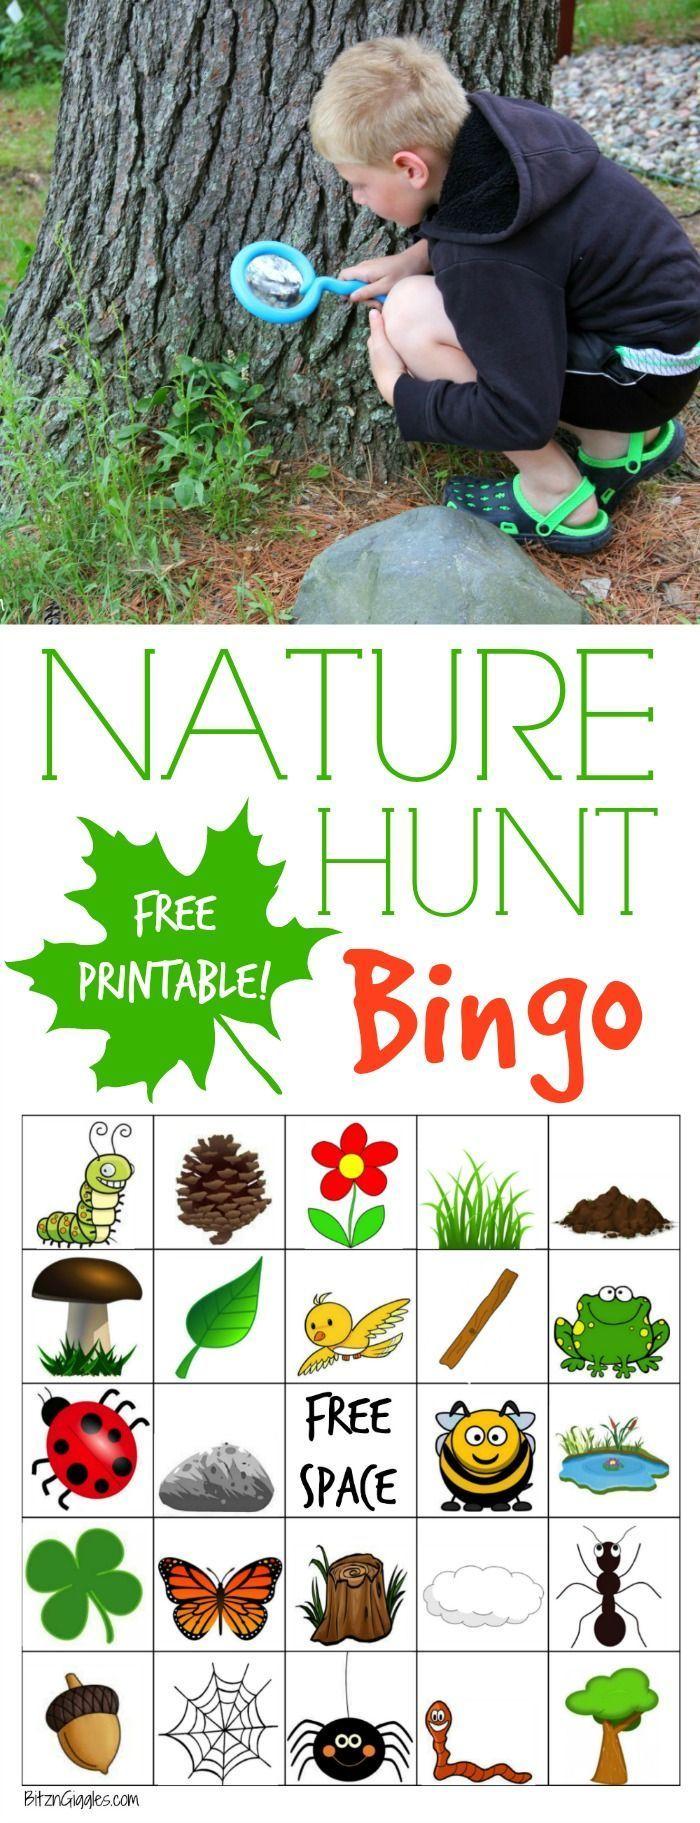 nature hunt bingo garten waldspiele spiele im freien. Black Bedroom Furniture Sets. Home Design Ideas